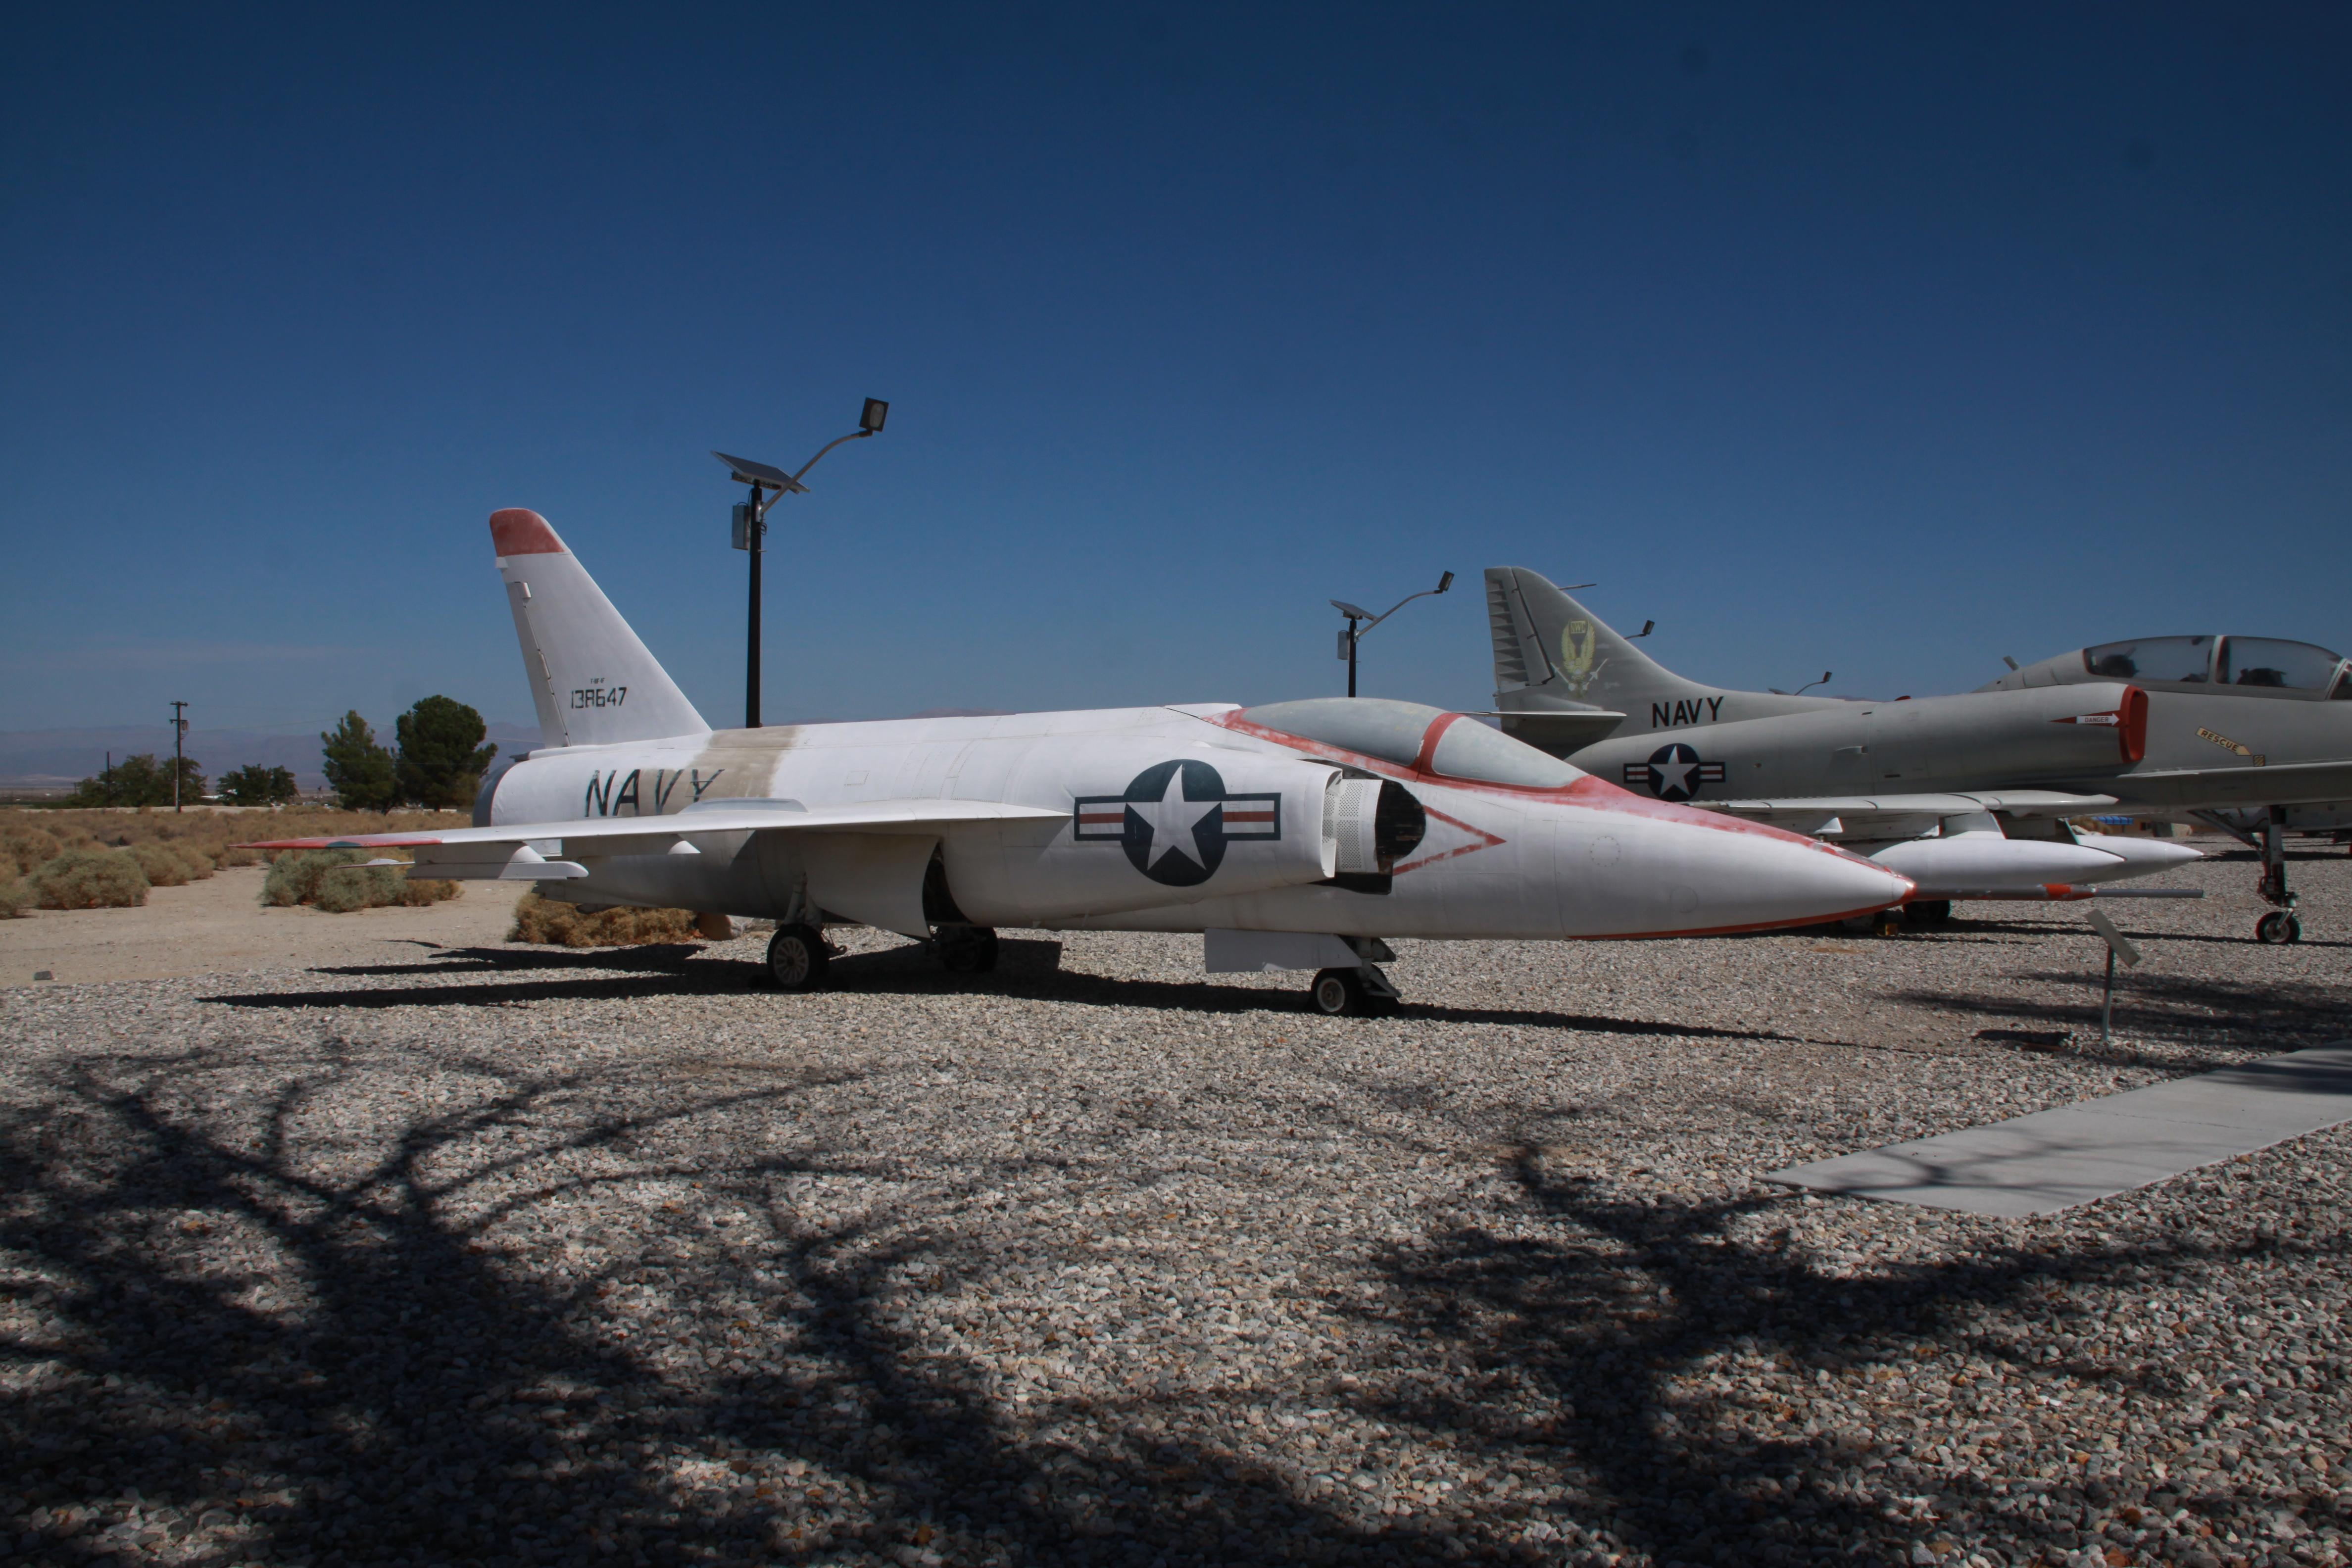 Grumman F11F-1F Super Tiger USN supersonic jet fighter